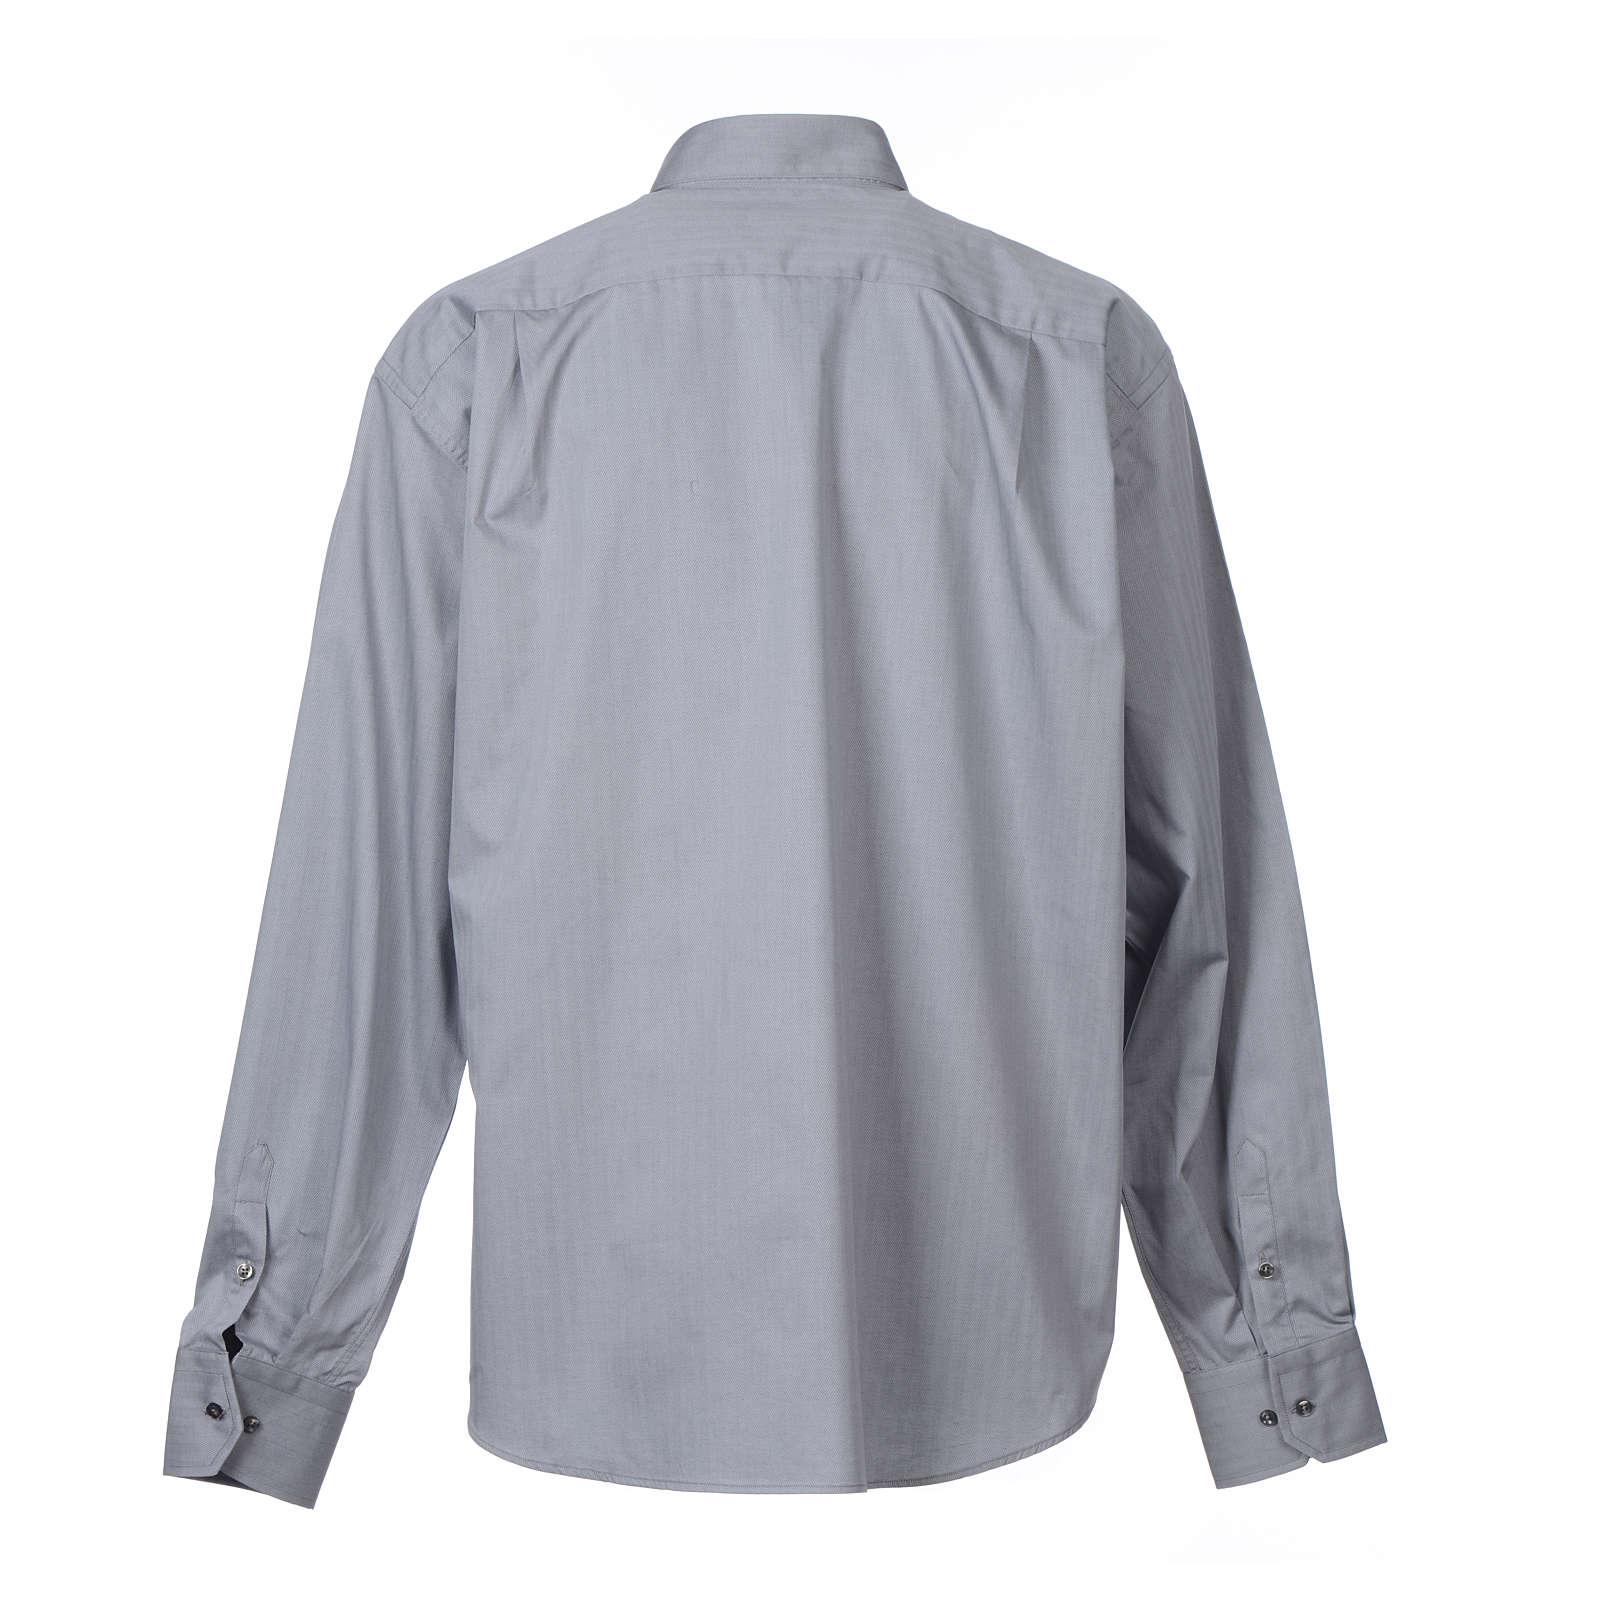 Collarhemd mit Langarm aus leicht zu bügelnden Baumwoll-Polyester-Mischgewebe mit Fischgrätenmuster in der Farbe Grau 4